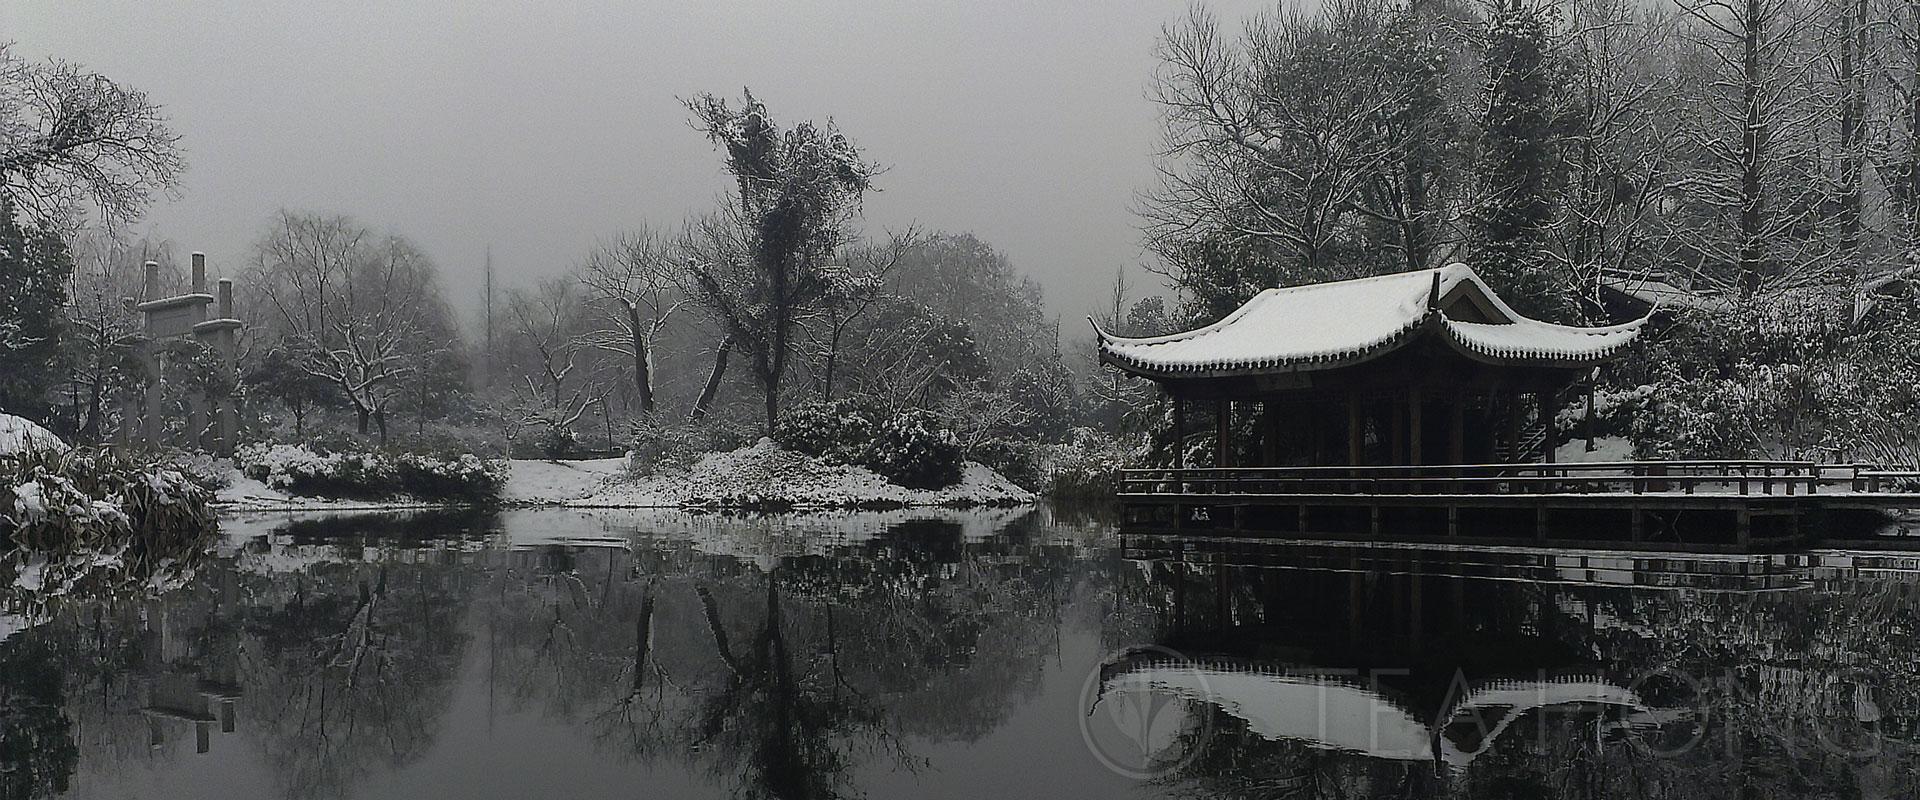 Tranquil snow scene in West Lake, Hangzhou, Zhejiang